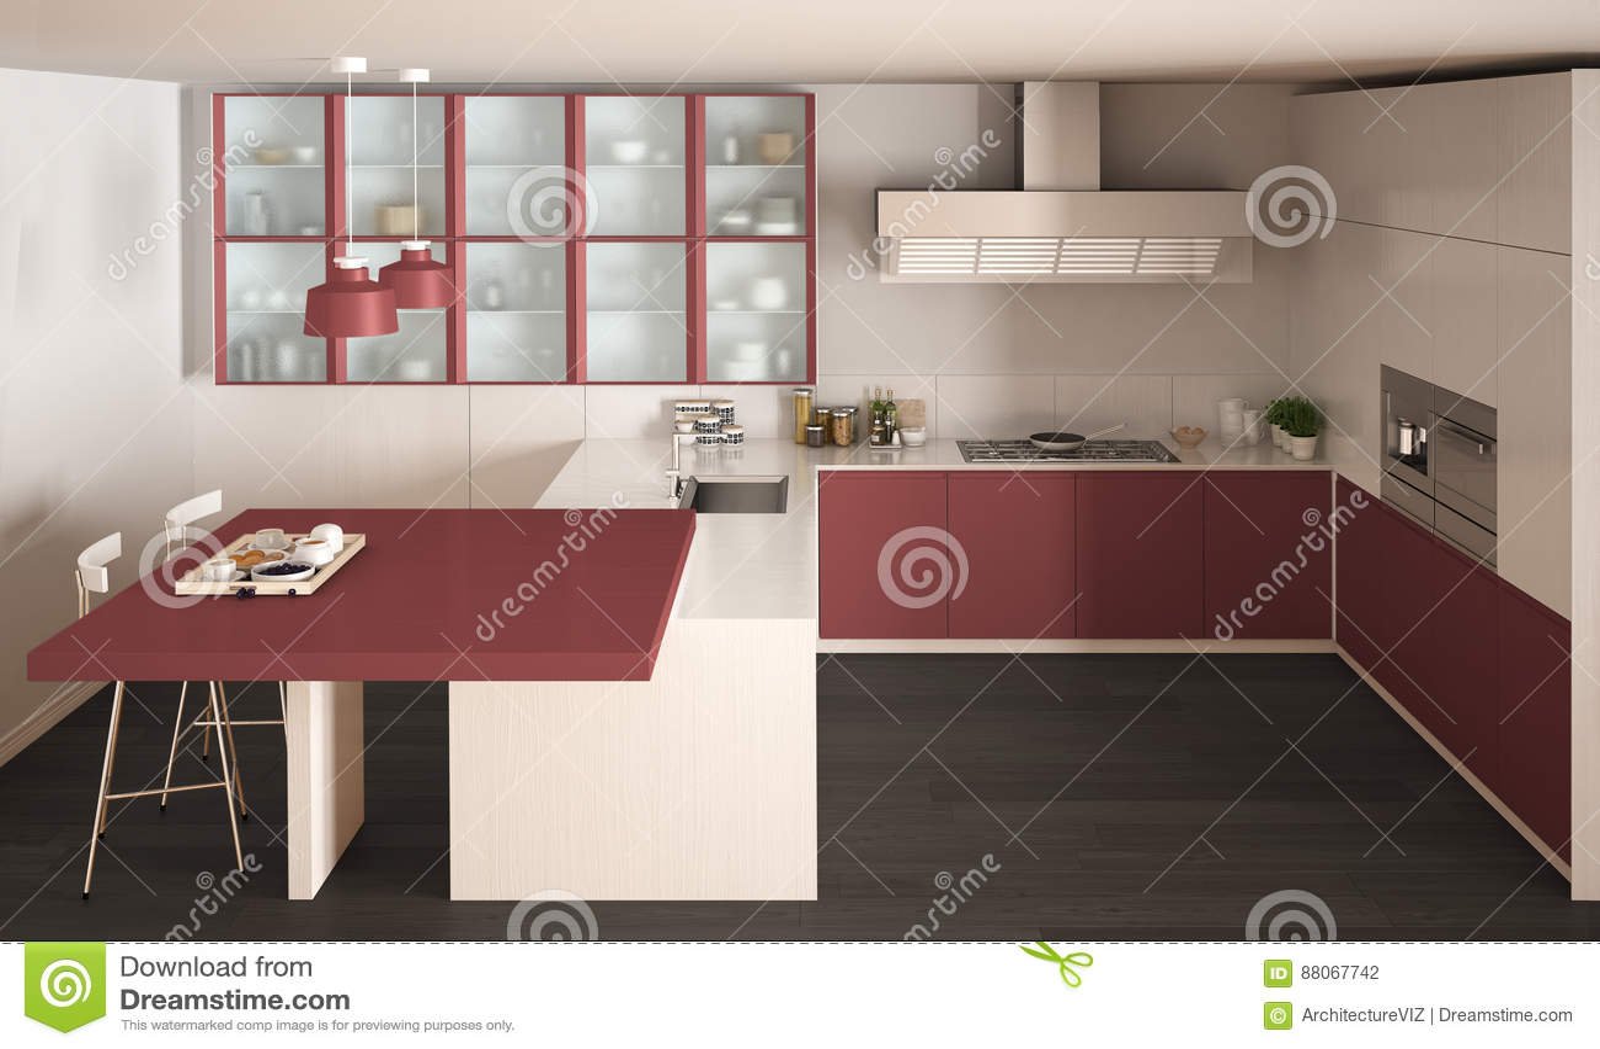 https://thumbs.dreamstime.com/z/cucina-bianca-e-rossa-minima-classica-con-il-pavimento-di-parquet-moderno-88067742.jpg